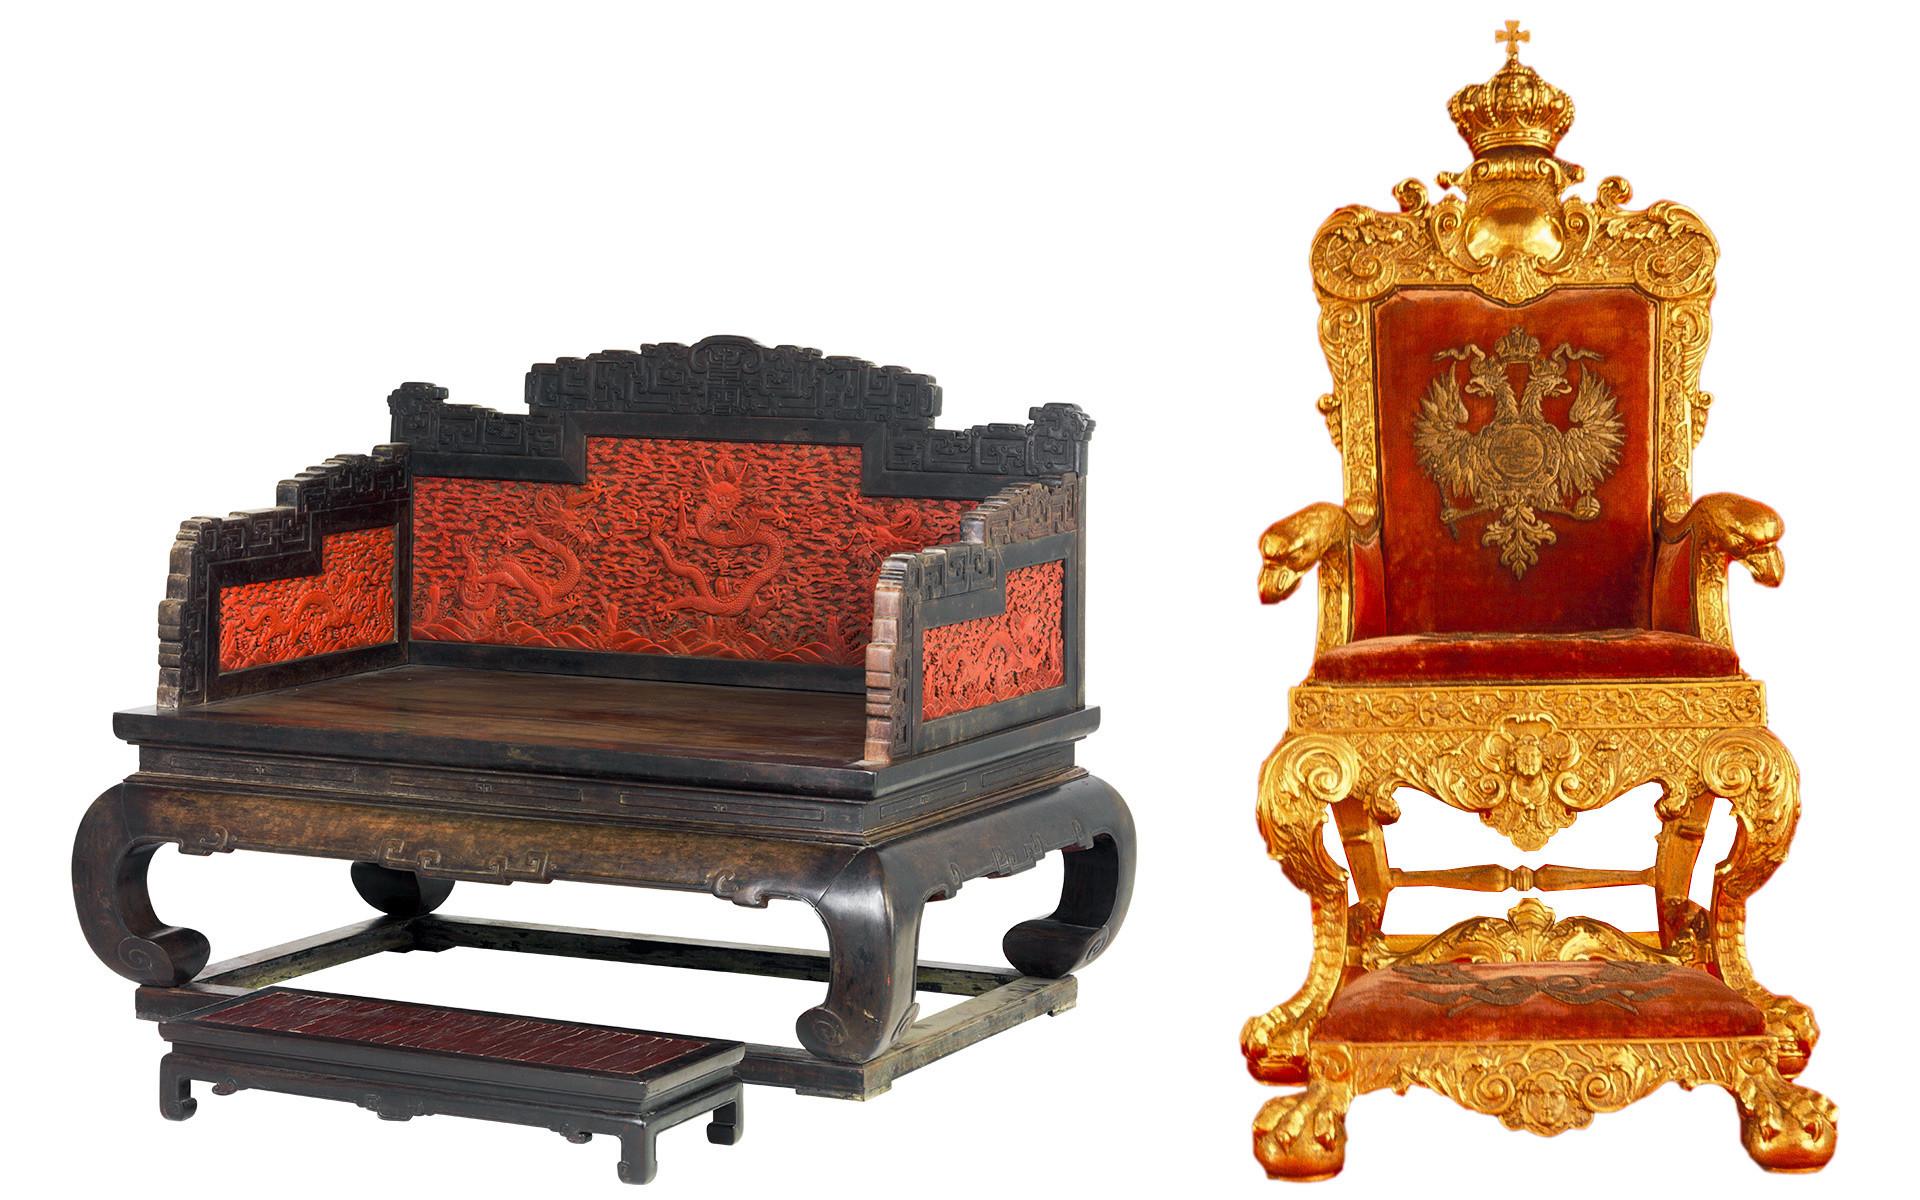 Лево: Царски престол. Династија Ќинг (1644-1912). Црвена лак, дрво; резба. Десно: Престолот на Павел Први